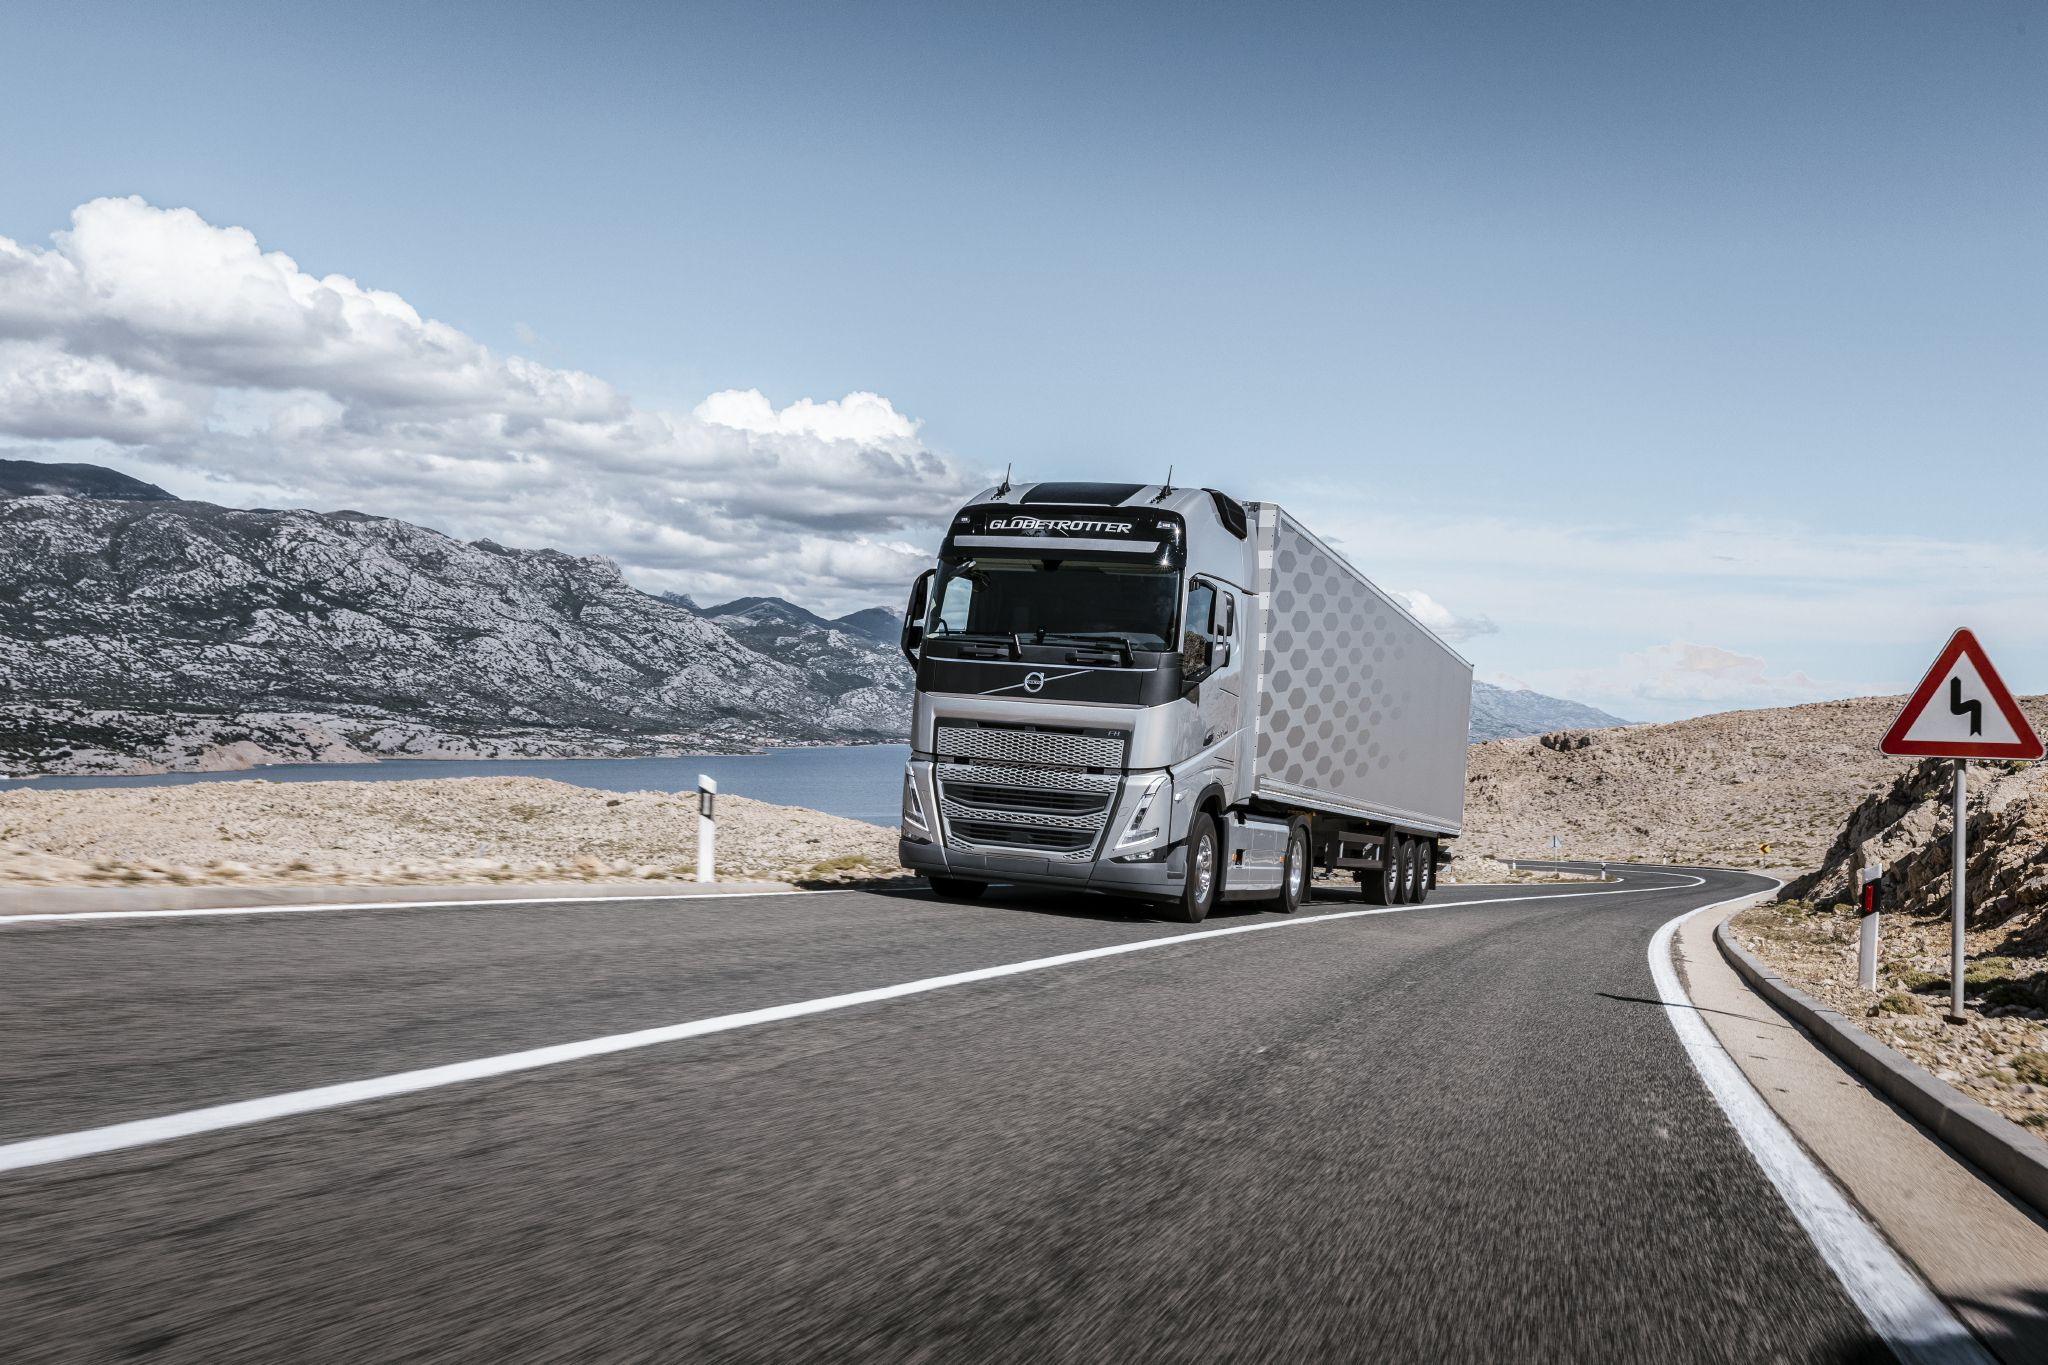 Testvinder: Volvo FH 460 I-Save 4x2 trækker med 38 tons vogntogsvægt